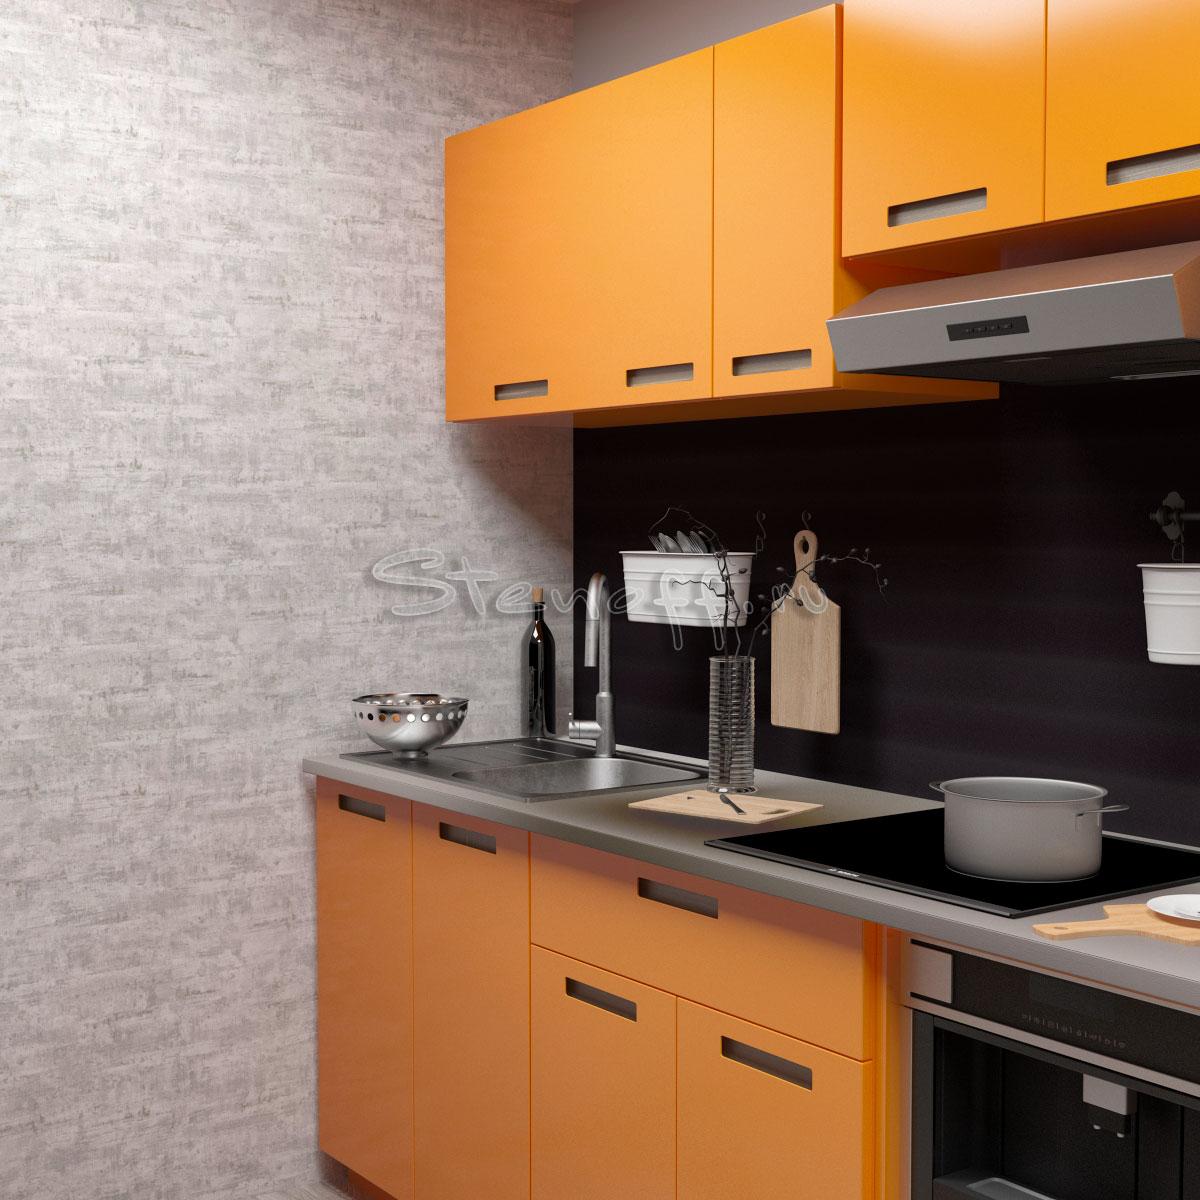 Оранжевая кухня и однотонные обои